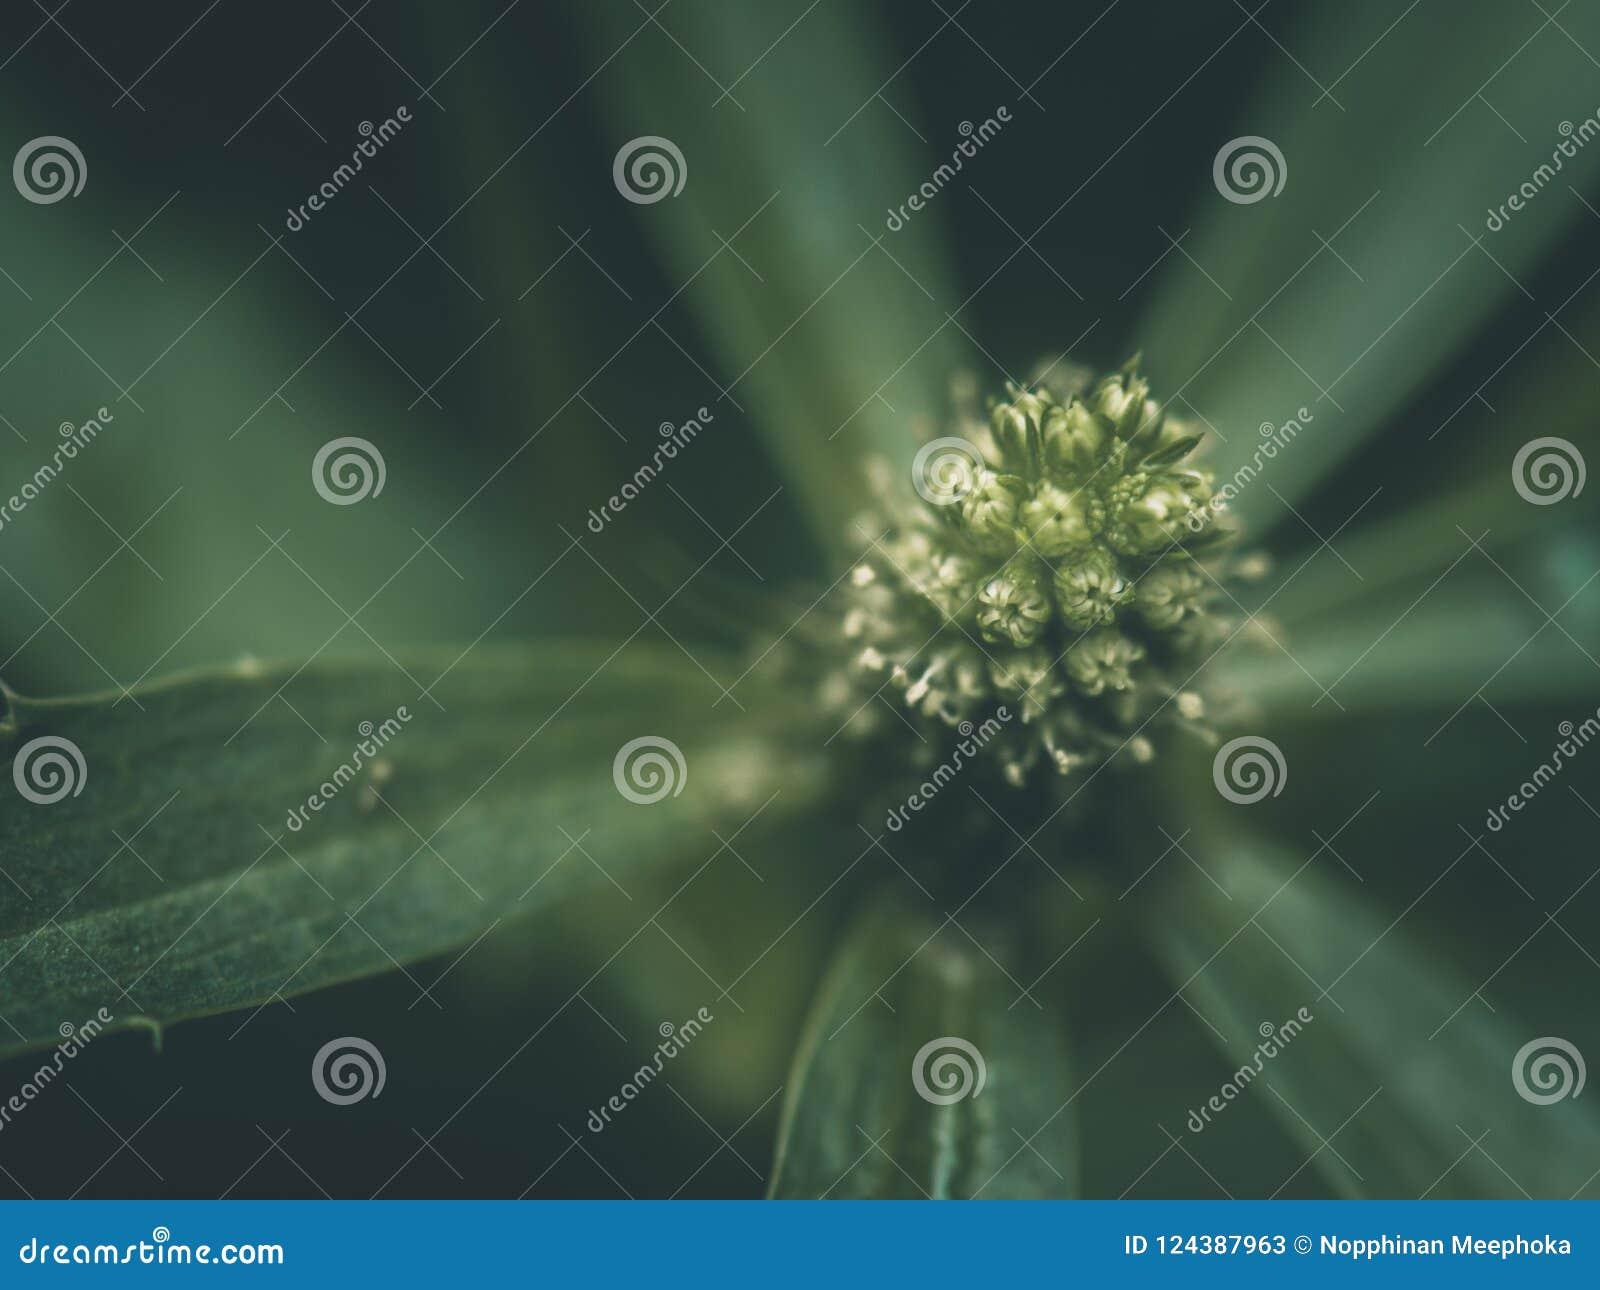 Close-up Abstract macro groen stuifmeel en vage zachte nadruk van groene bladeren